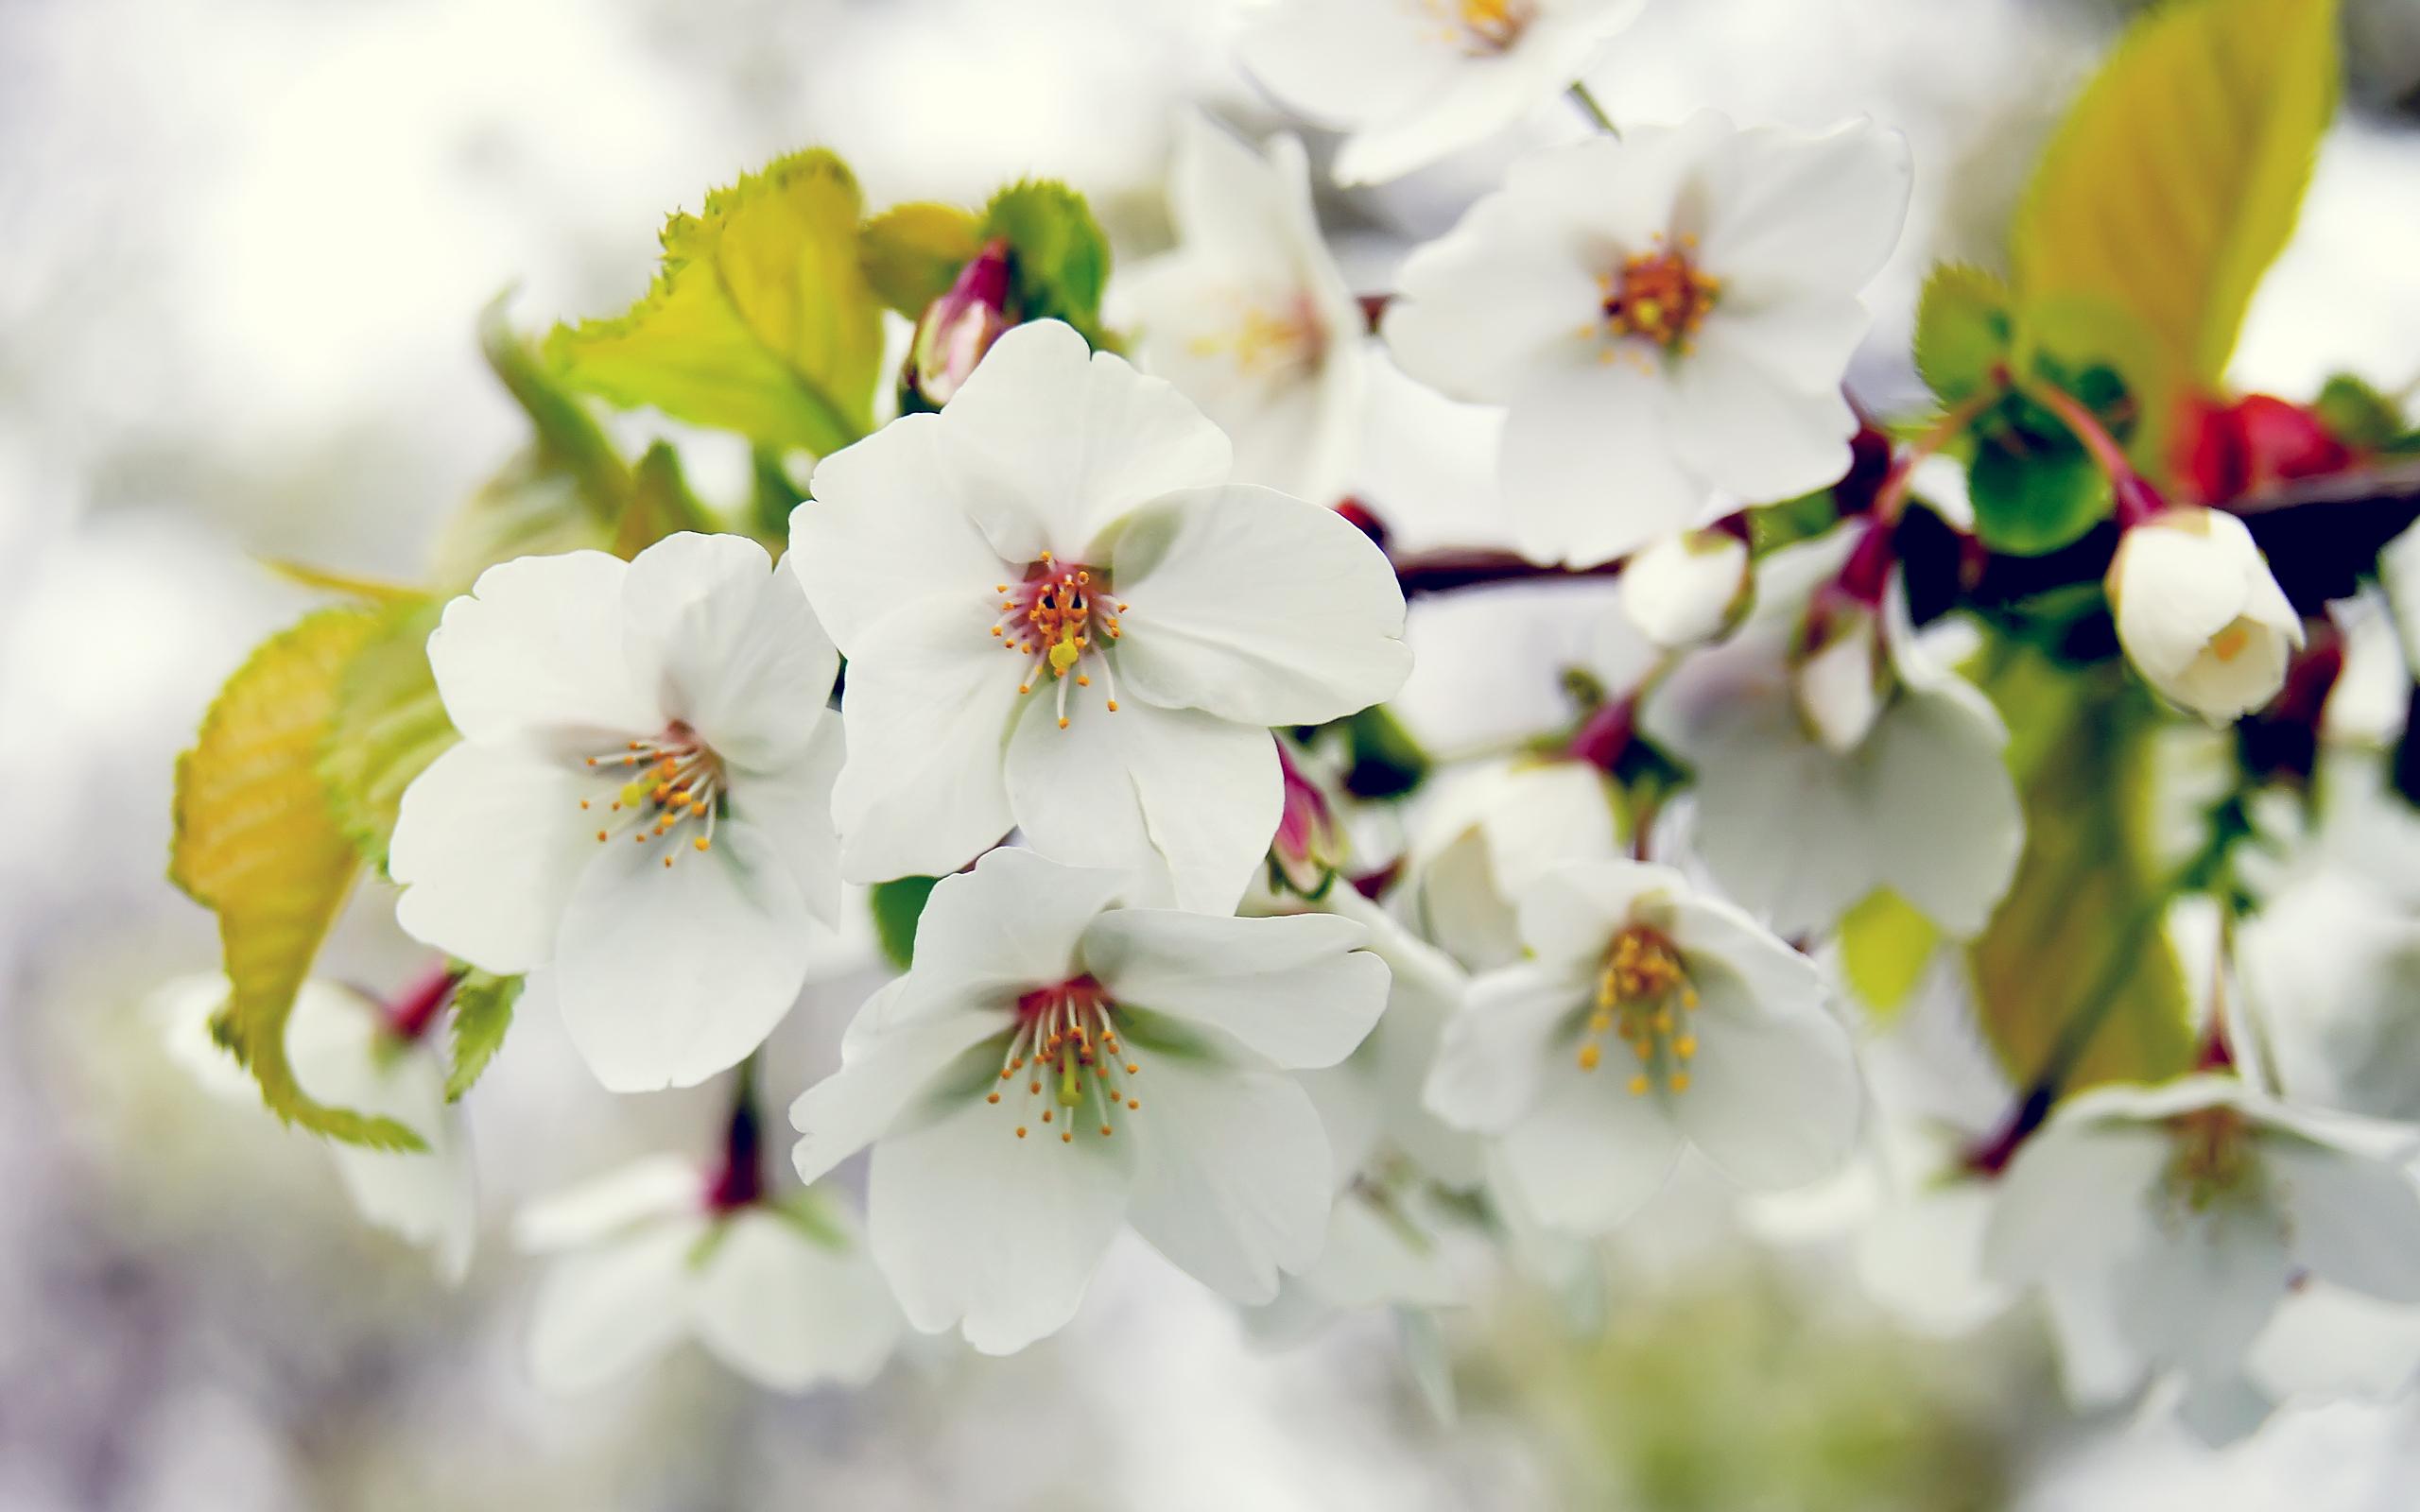 Обои рабочий стол весна цветы